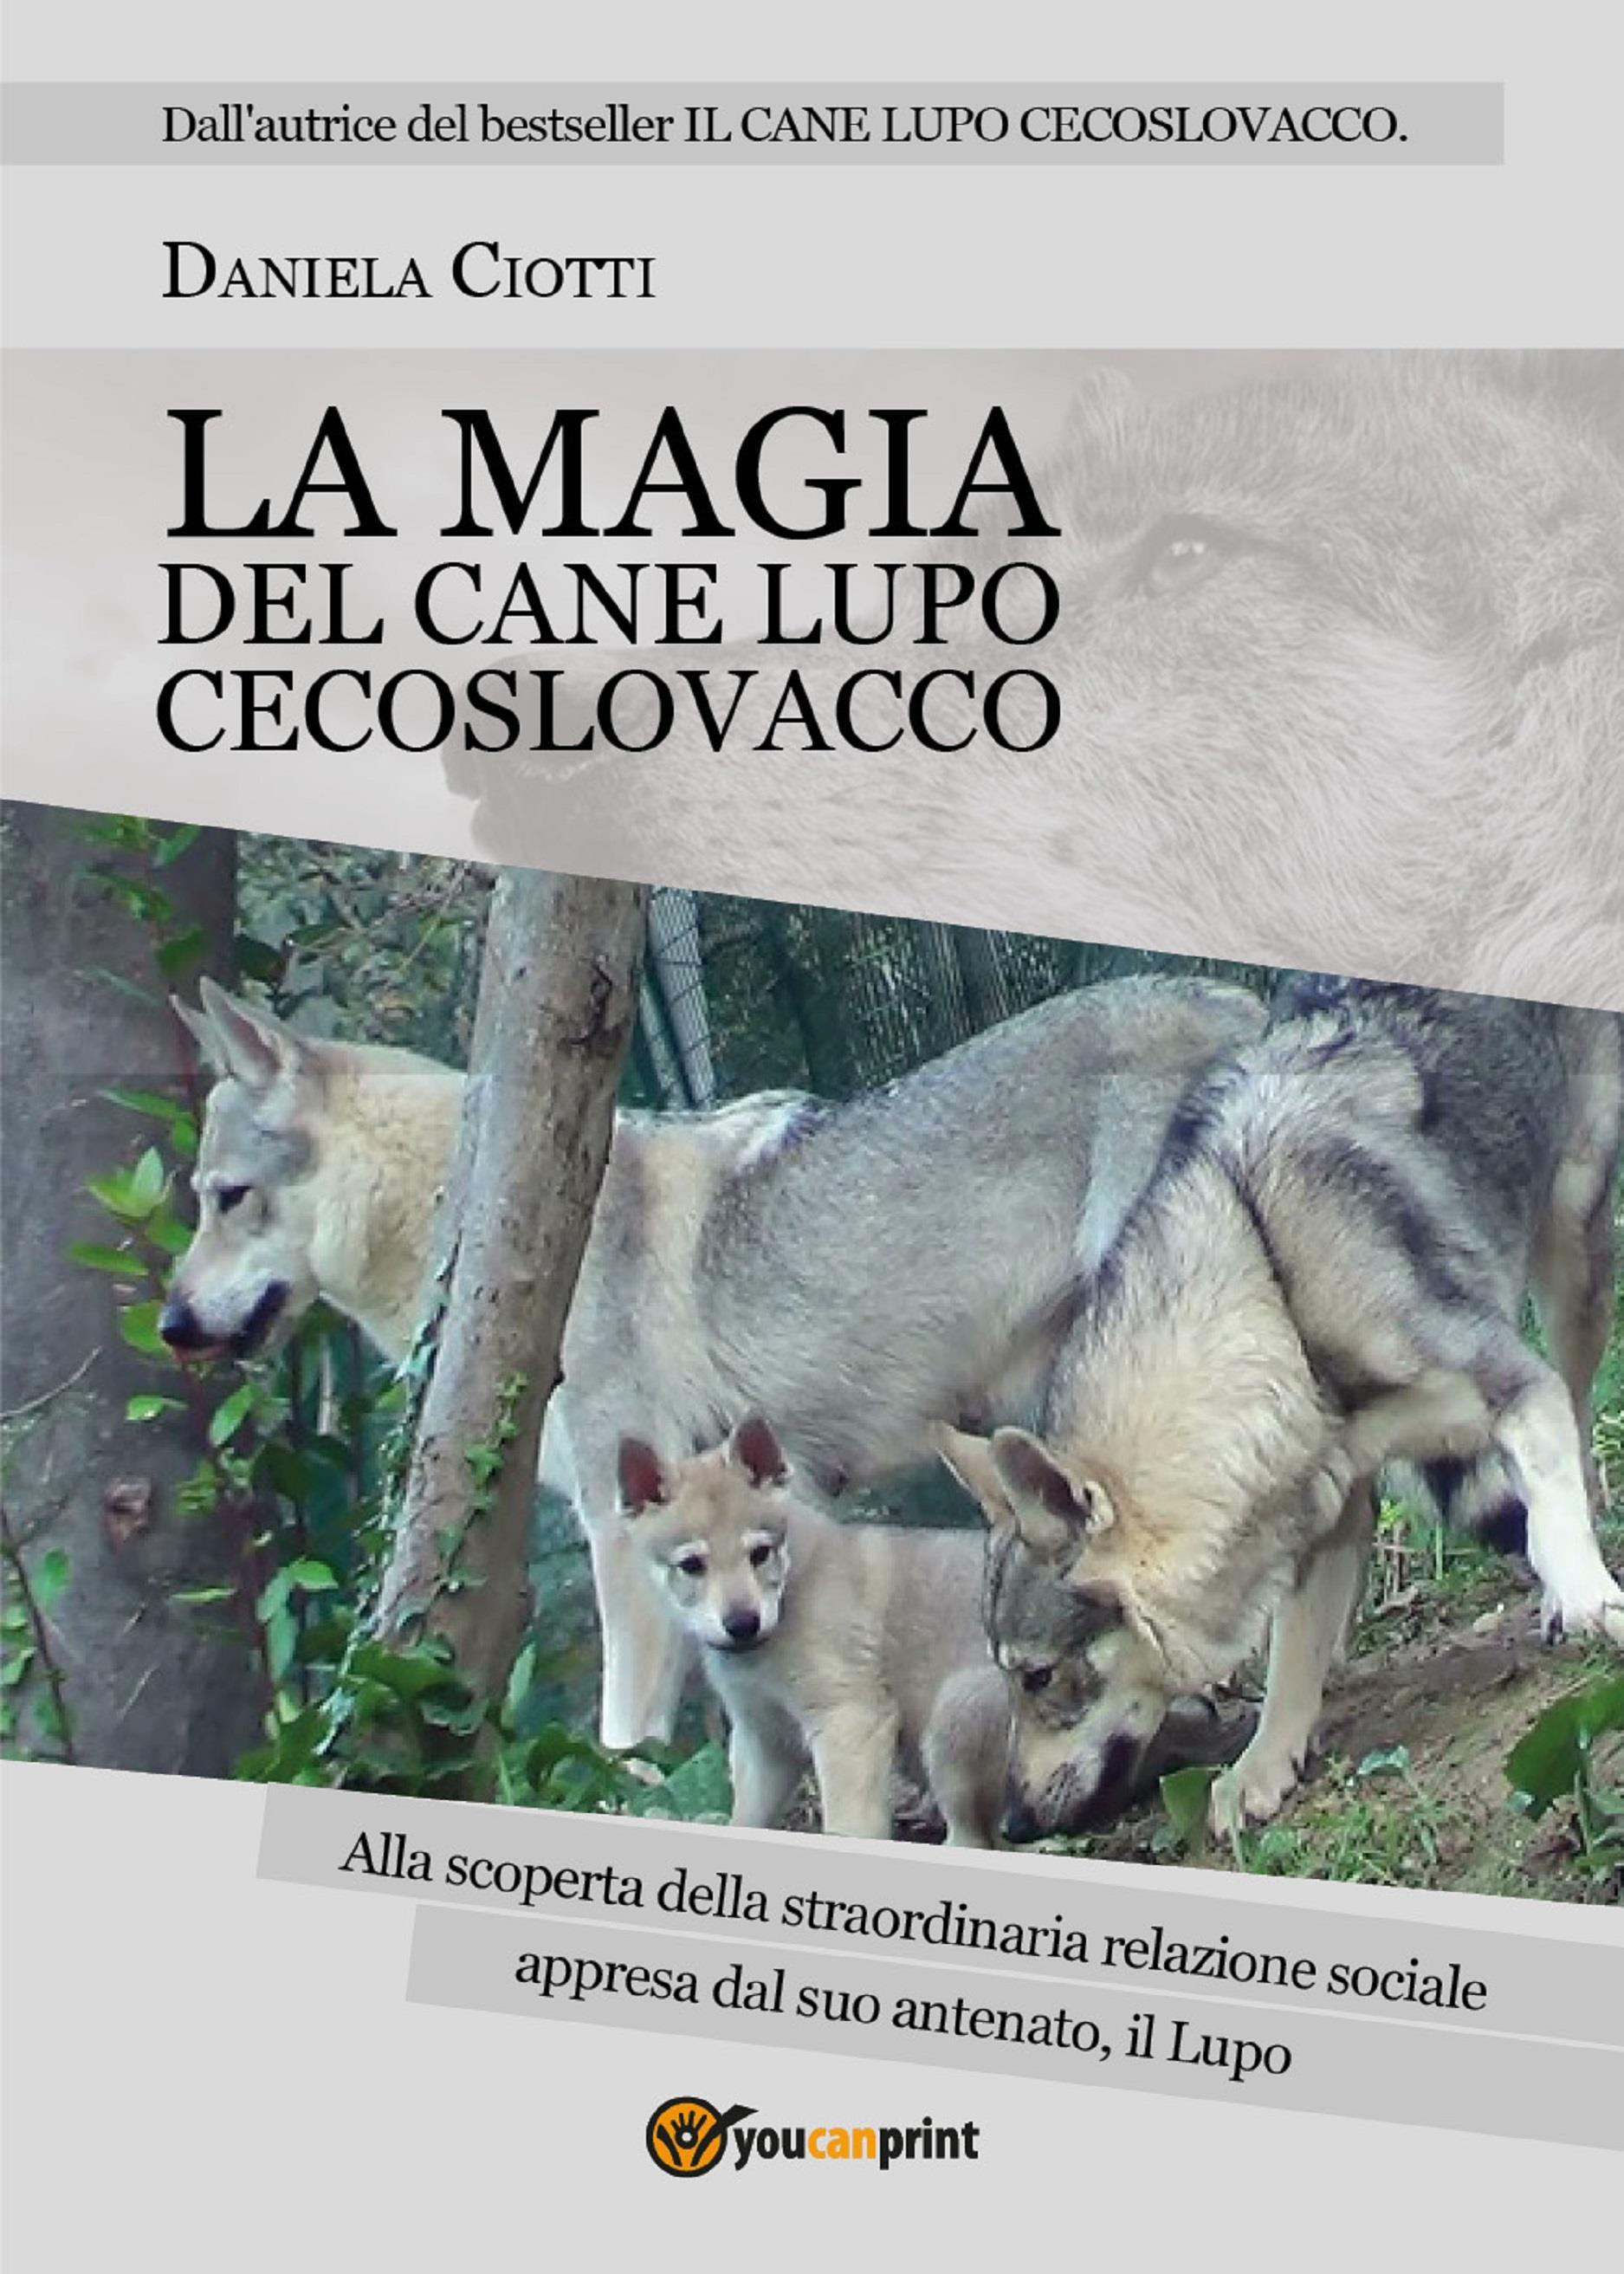 La Magia del Cane Lupo Cecoslovacco Alla scoperta della straordinaria relazione all'interno del branco appresa dal suo antenato il Lupo